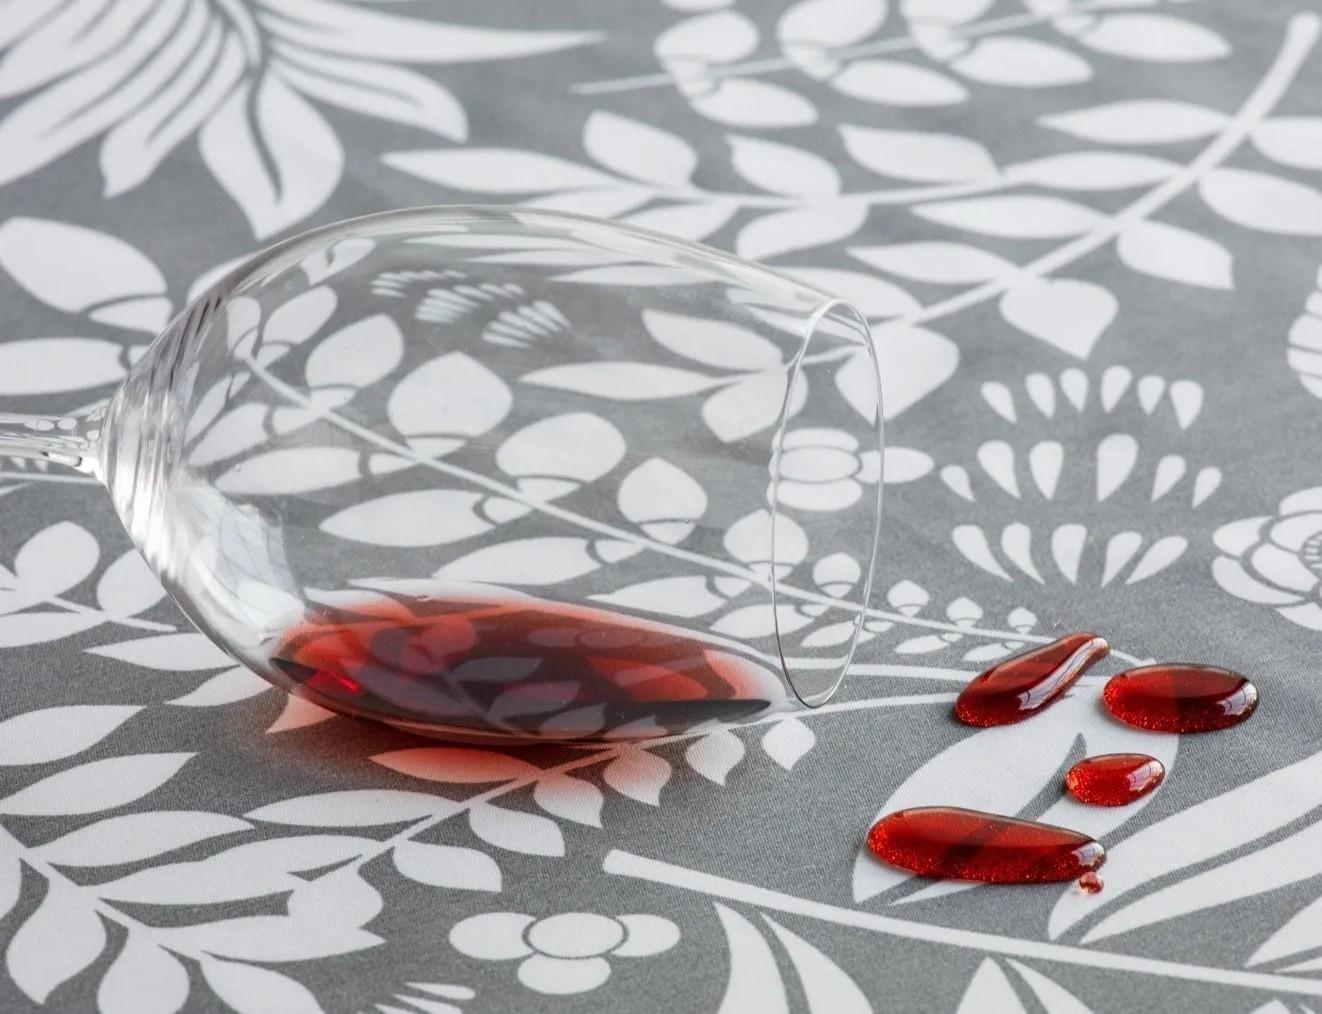 Toalha de mesa quadrada 1,40 x 1,40 cm  - pratic limpa fácil  temperos - raner